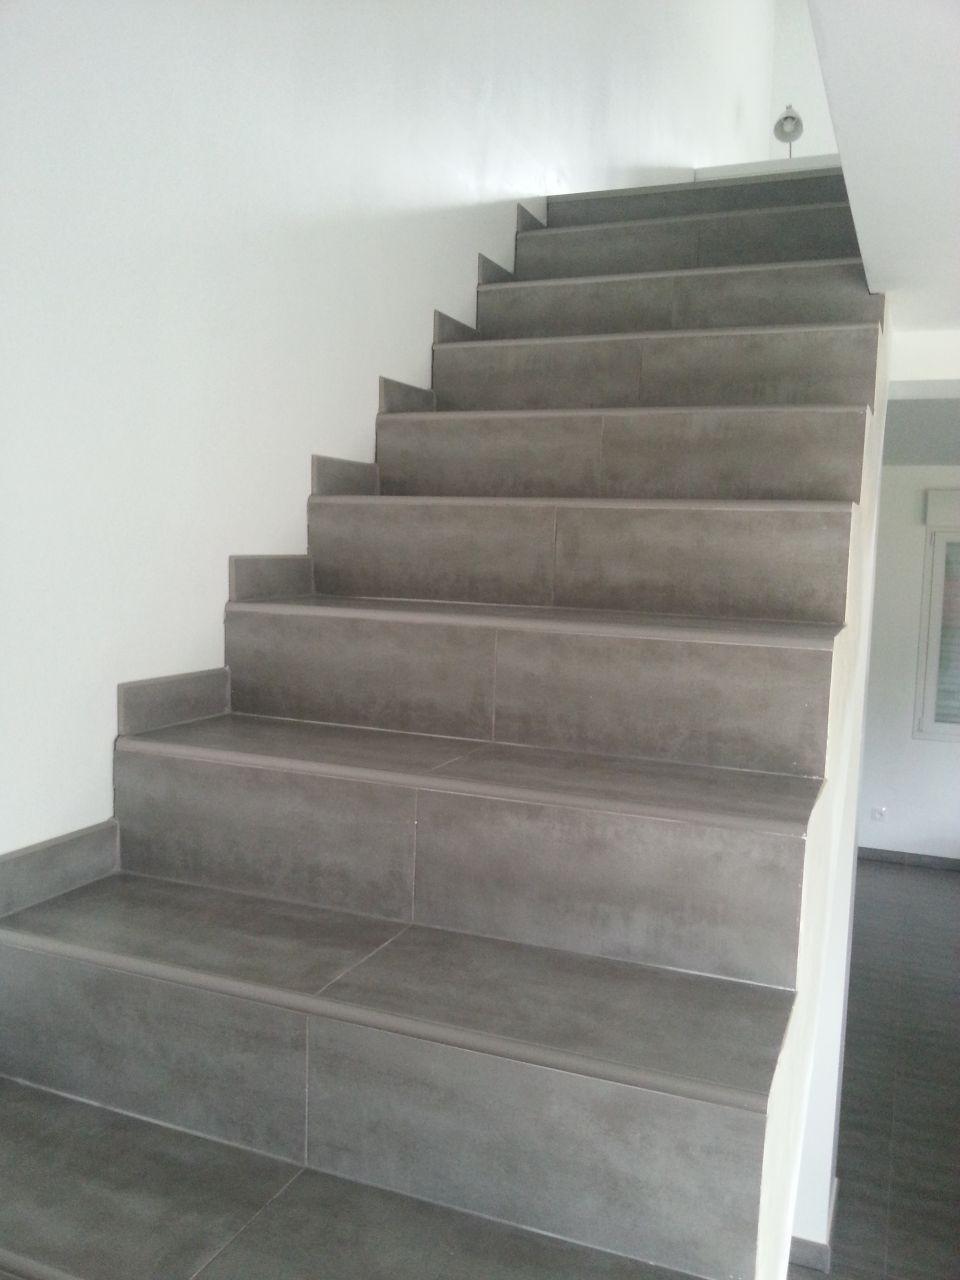 Habiller Un Escalier En Beton Brut Implique Escalier Beton Cire